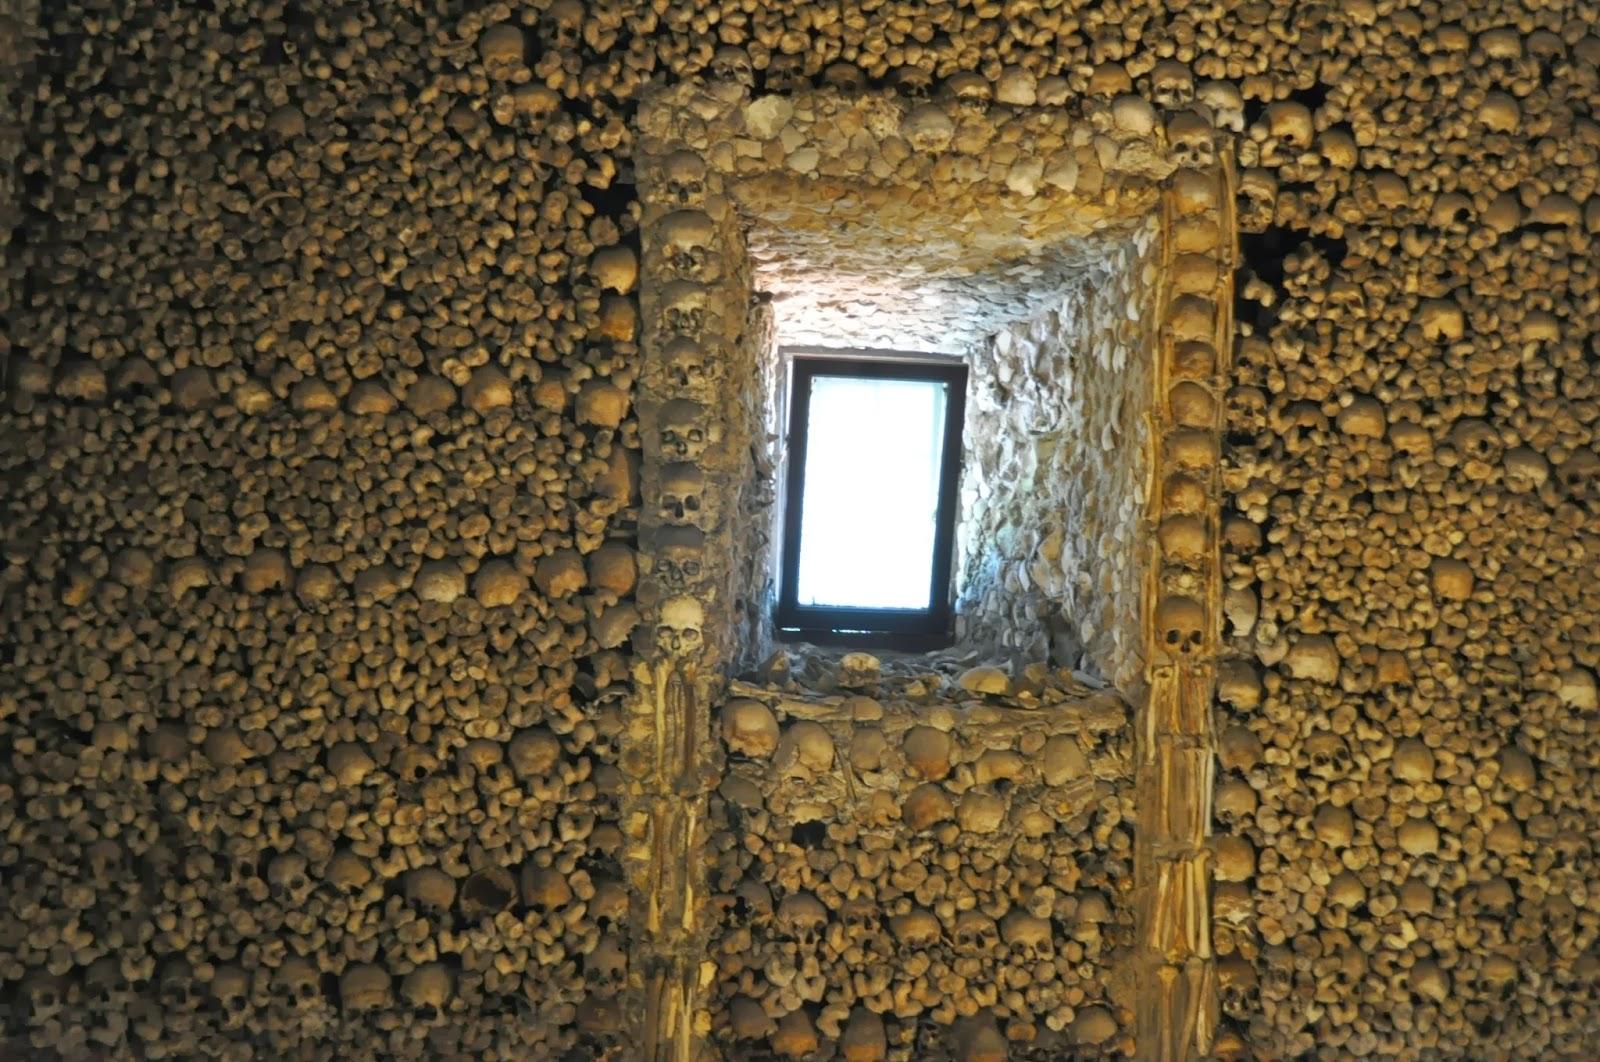 """Capella dos ossos или Капела на костите - така се казва храмът, изграден от костите на над 5000 францискански монаси. На входа му те посреща нелицеприятен надпис : """"Ние, костите които сме тук, очакваме вашите""""."""